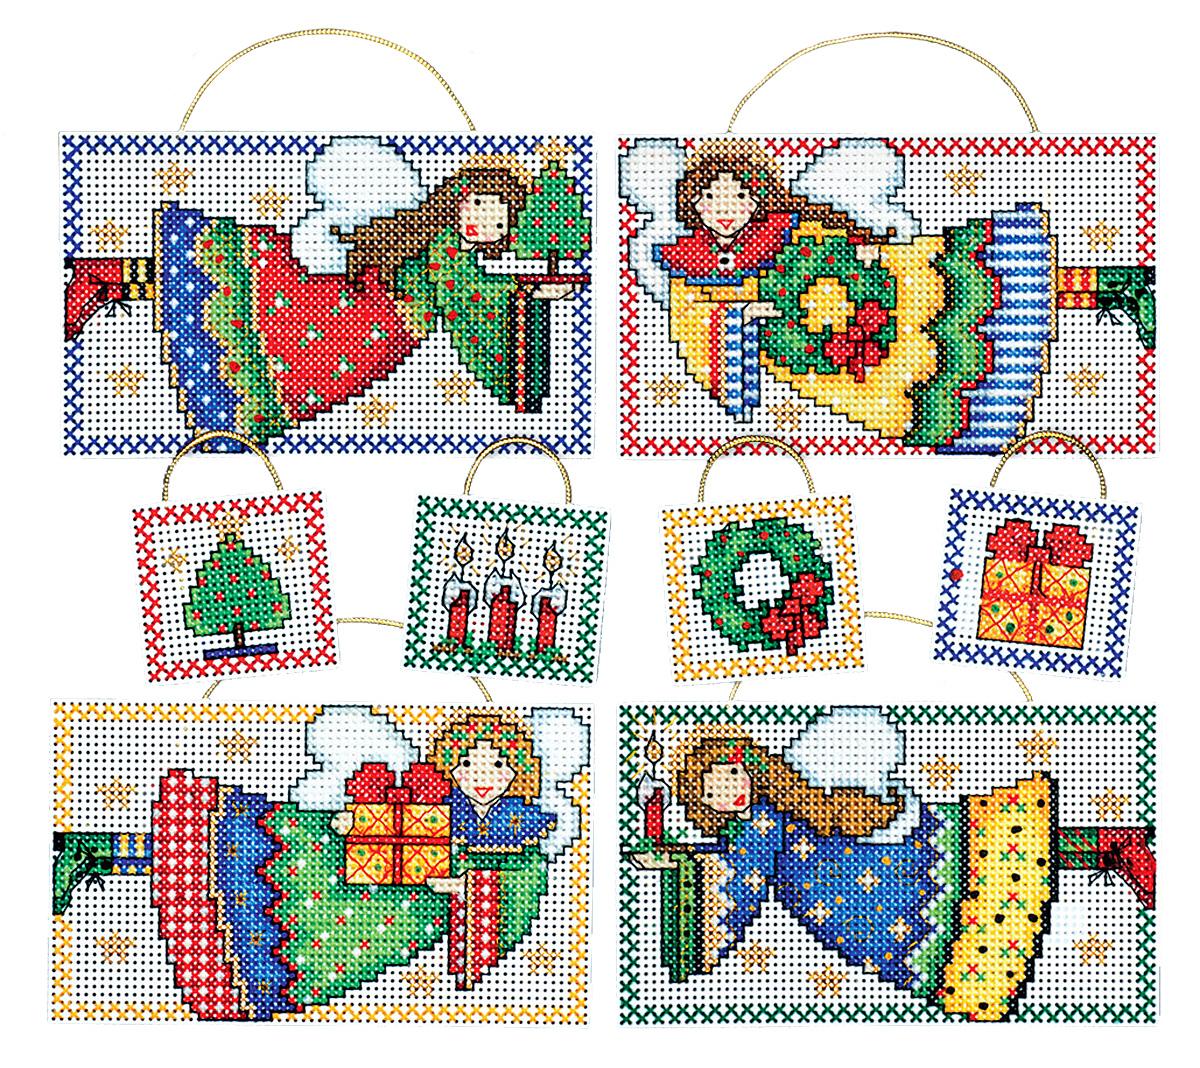 Набор для вышивания игрушки Design Works Фольк-ангелы, 7 х 9 см, 6 шт1690Для 6 игрушек: канва пластиковая 14, нитки мулине (100% хлопок), игла, инструкция на русском языке.